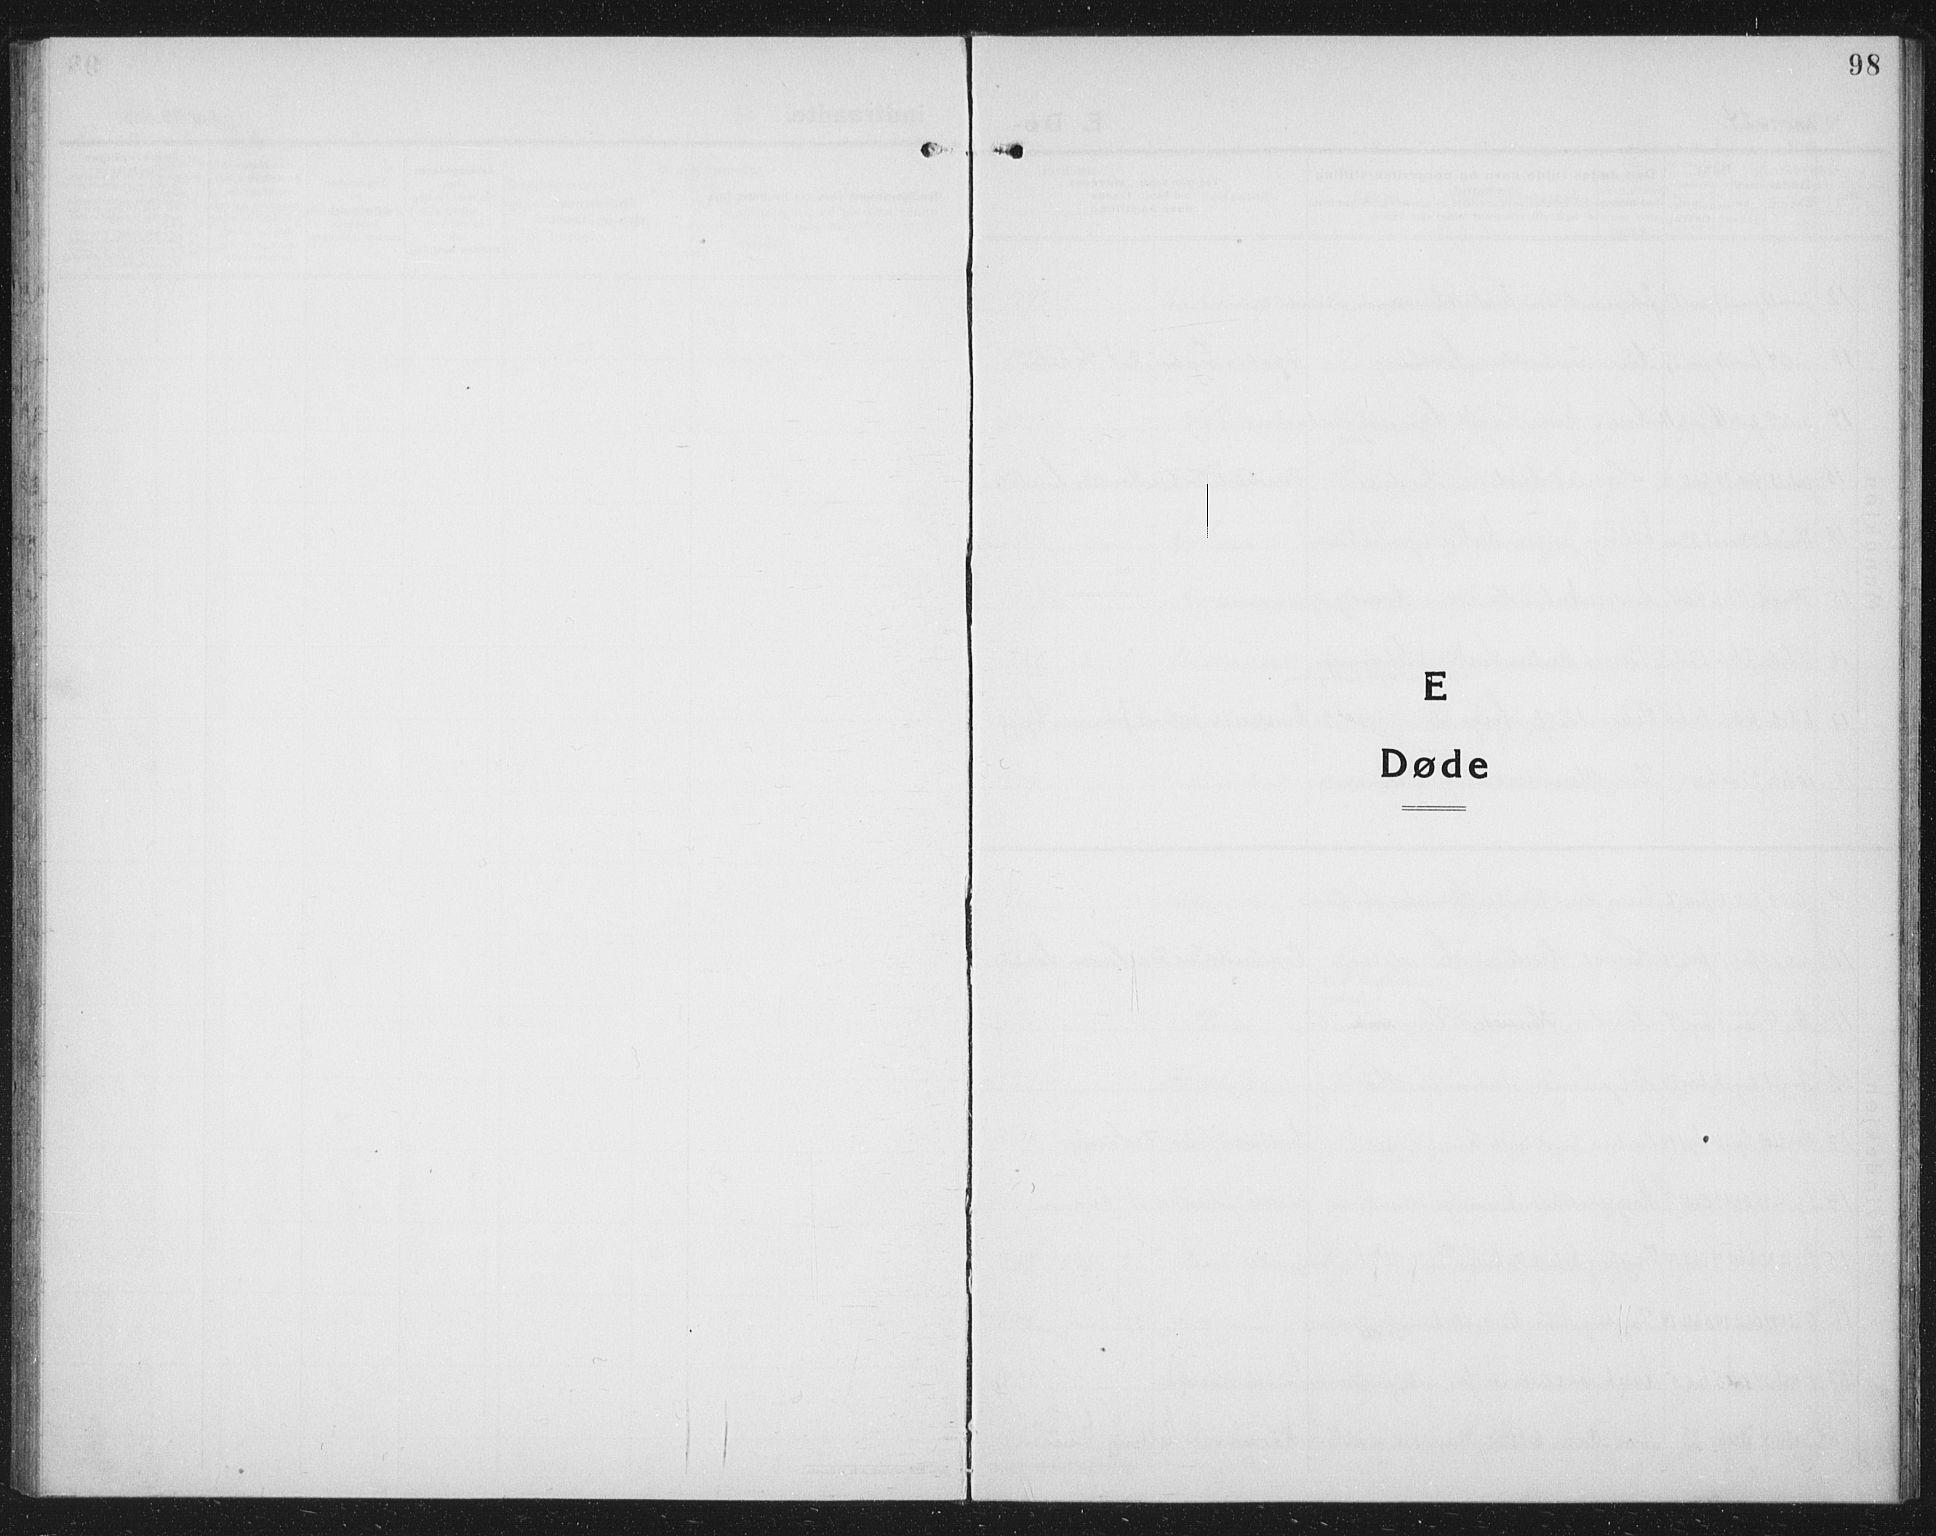 SAT, Ministerialprotokoller, klokkerbøker og fødselsregistre - Nord-Trøndelag, 730/L0303: Klokkerbok nr. 730C06, 1924-1933, s. 98